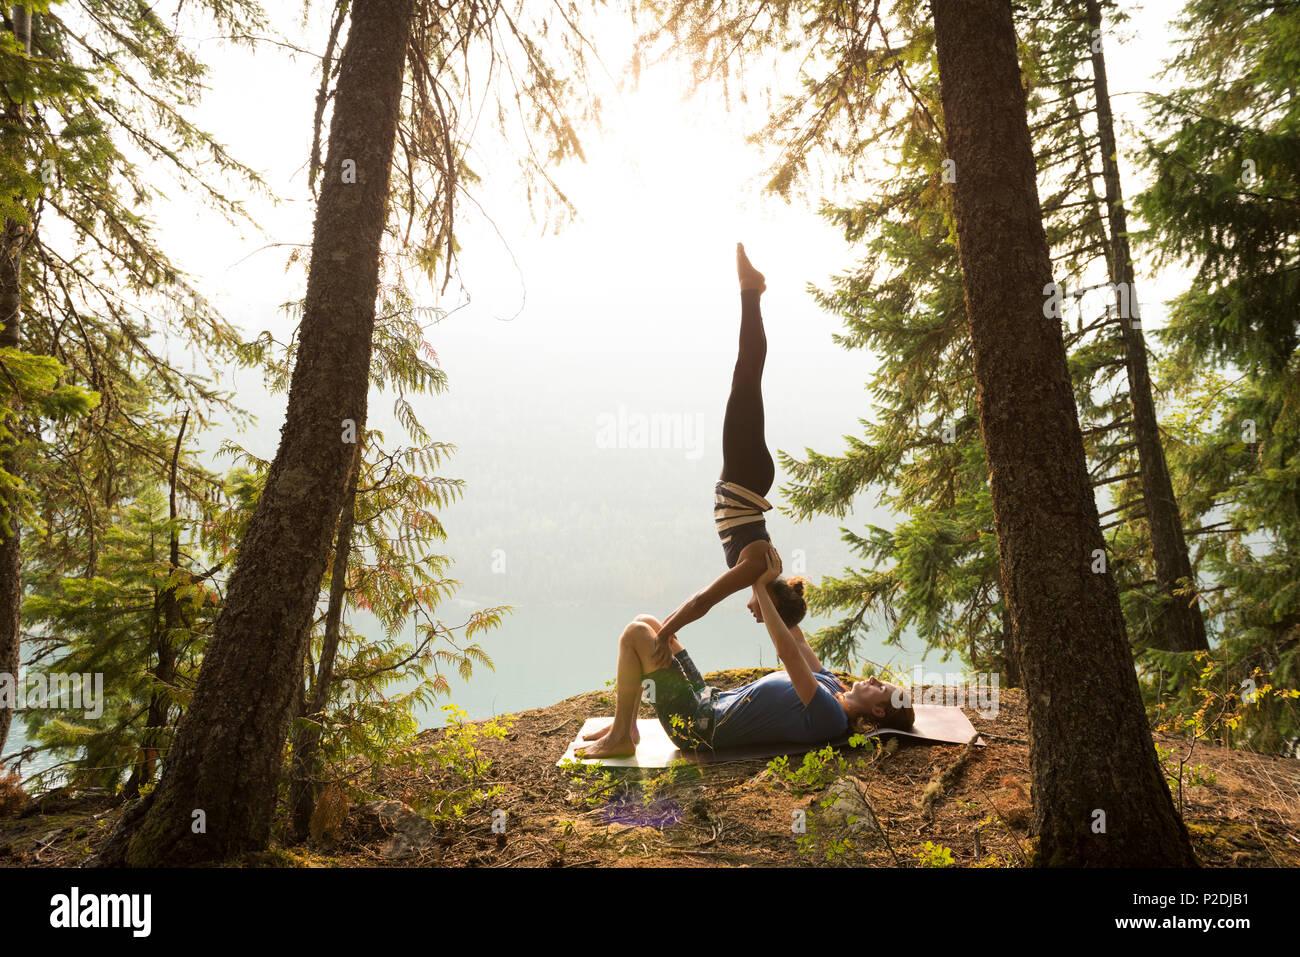 Pareja deportiva practicando yoga acro en un exuberante bosque verde Imagen De Stock